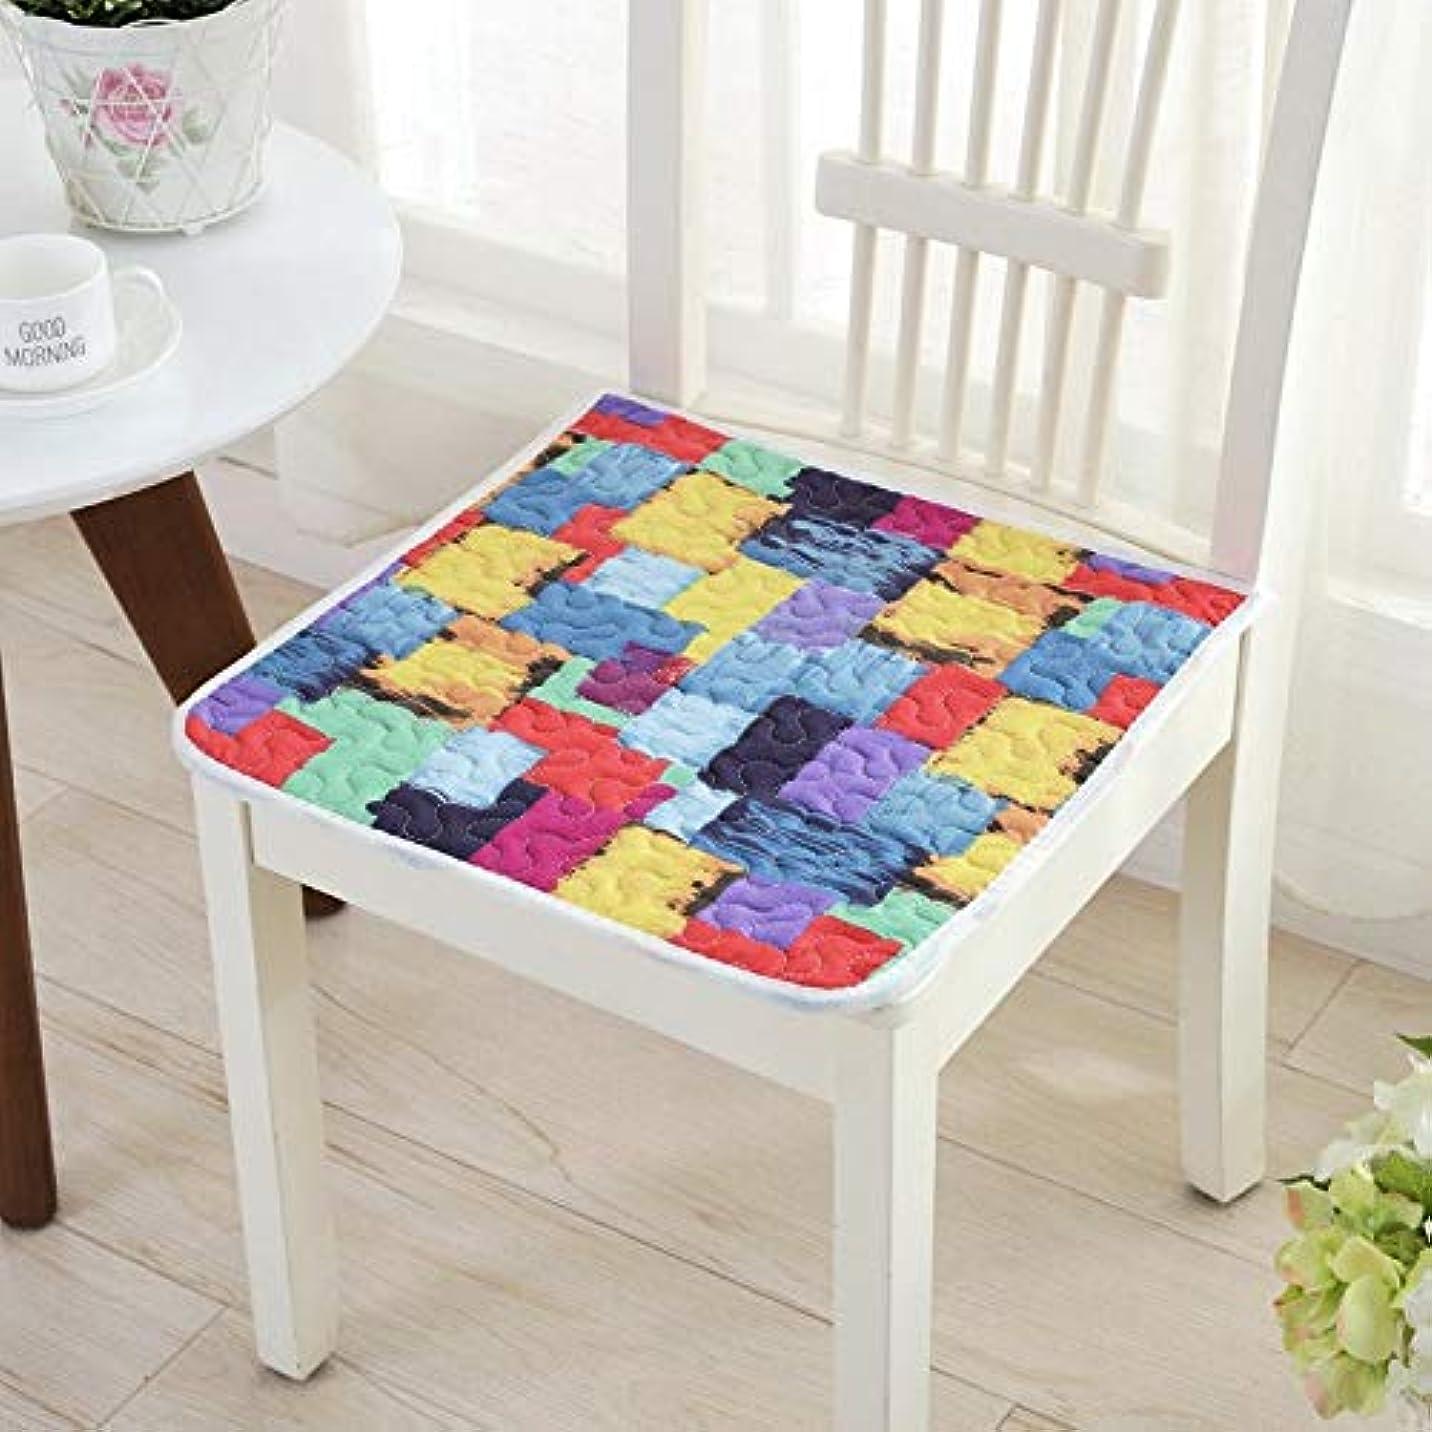 用量ゼロハブLIFE 現代スーパーソフト椅子クッション非スリップシートクッションマットソファホームデコレーションバッククッションチェアパッド 40*40/45*45/50*50 センチメートル クッション 椅子